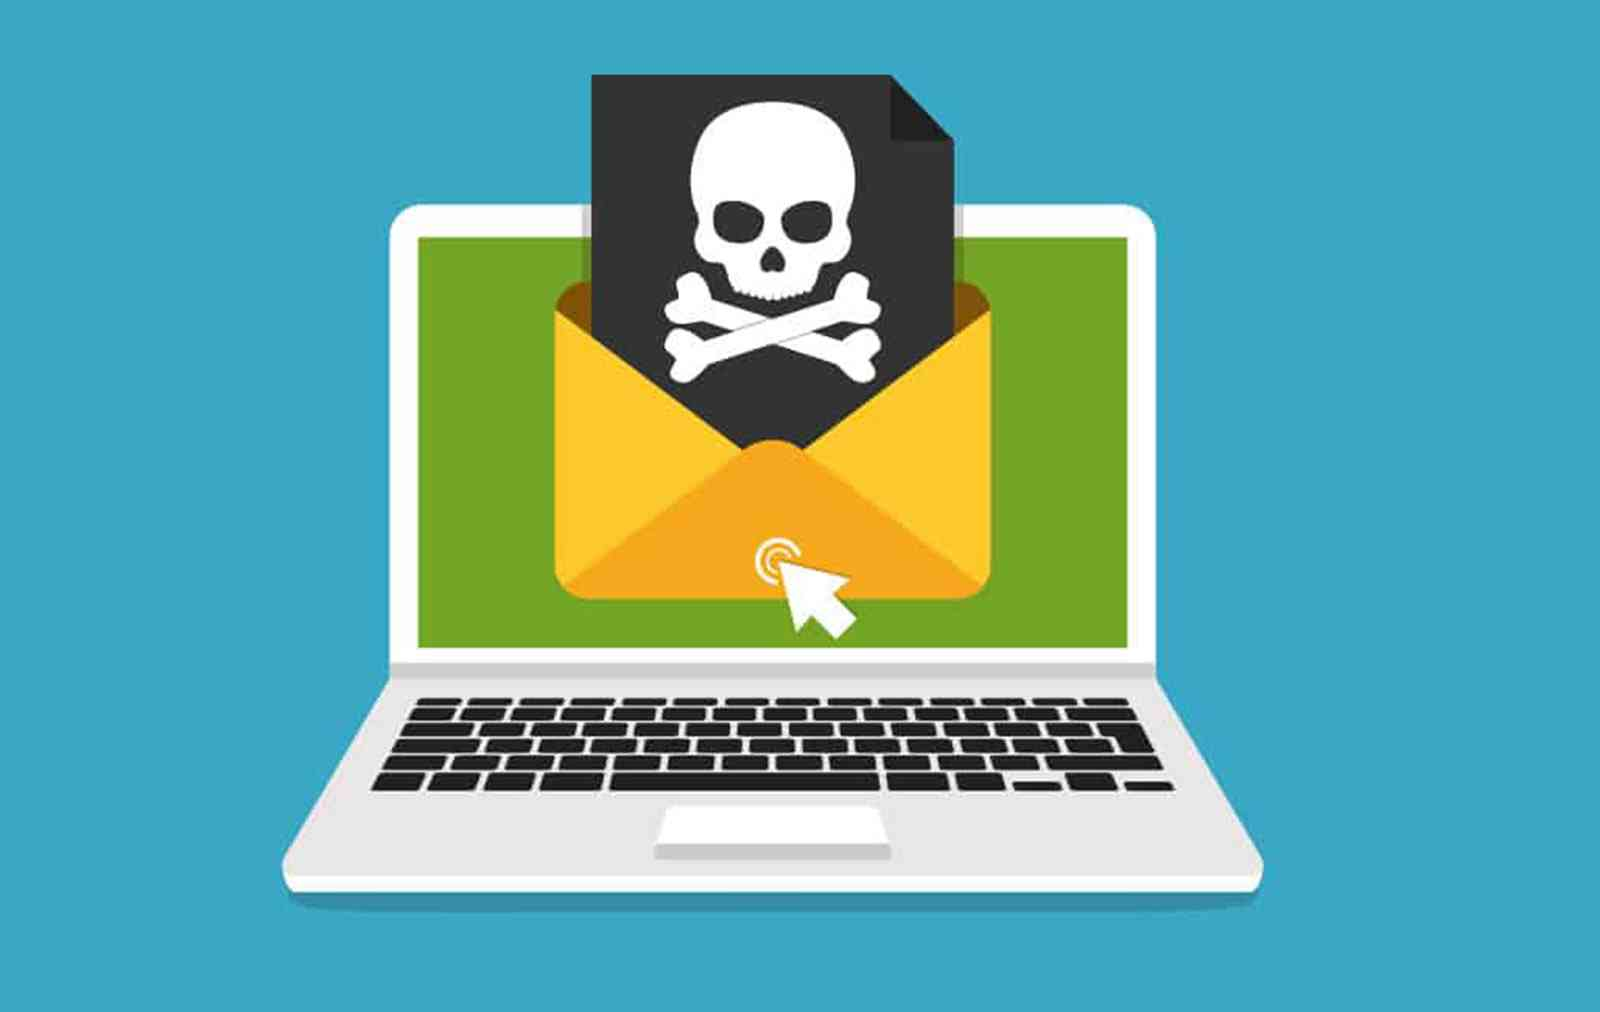 خطوات بسيطة لحماية البريد الإلكتروني من الاختراق